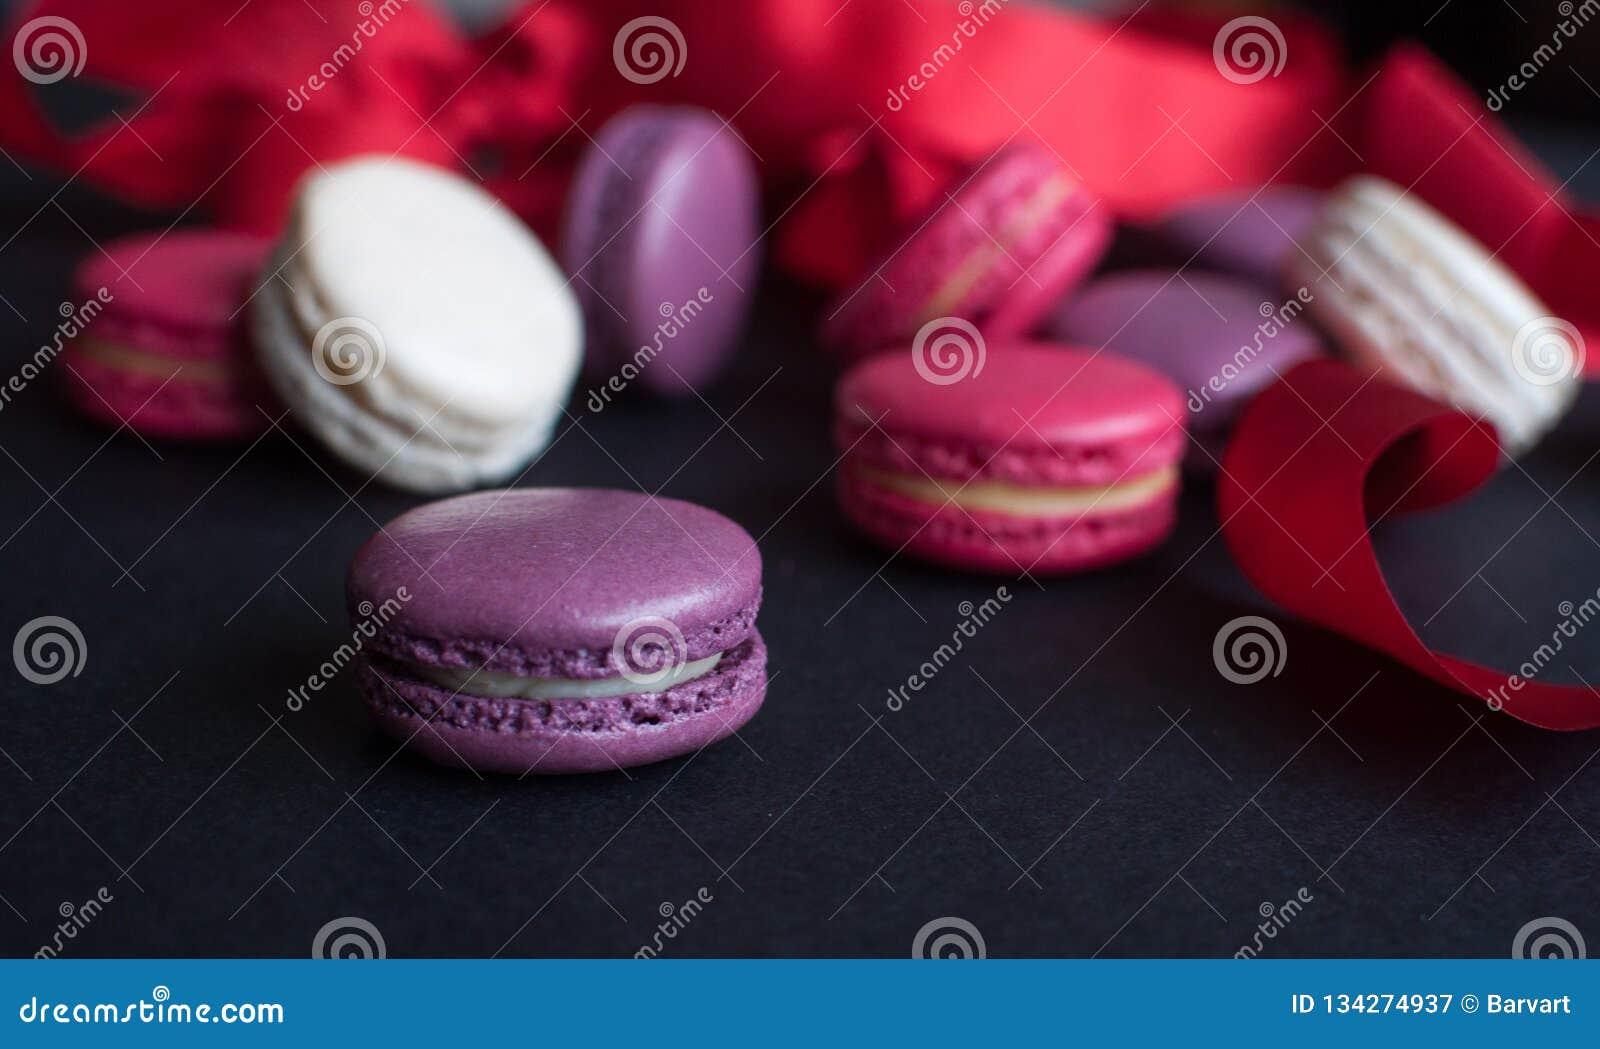 Bolinho de amêndoa no fundo preto com fita vermelha, cookies de amêndoa coloridas, cores pastel